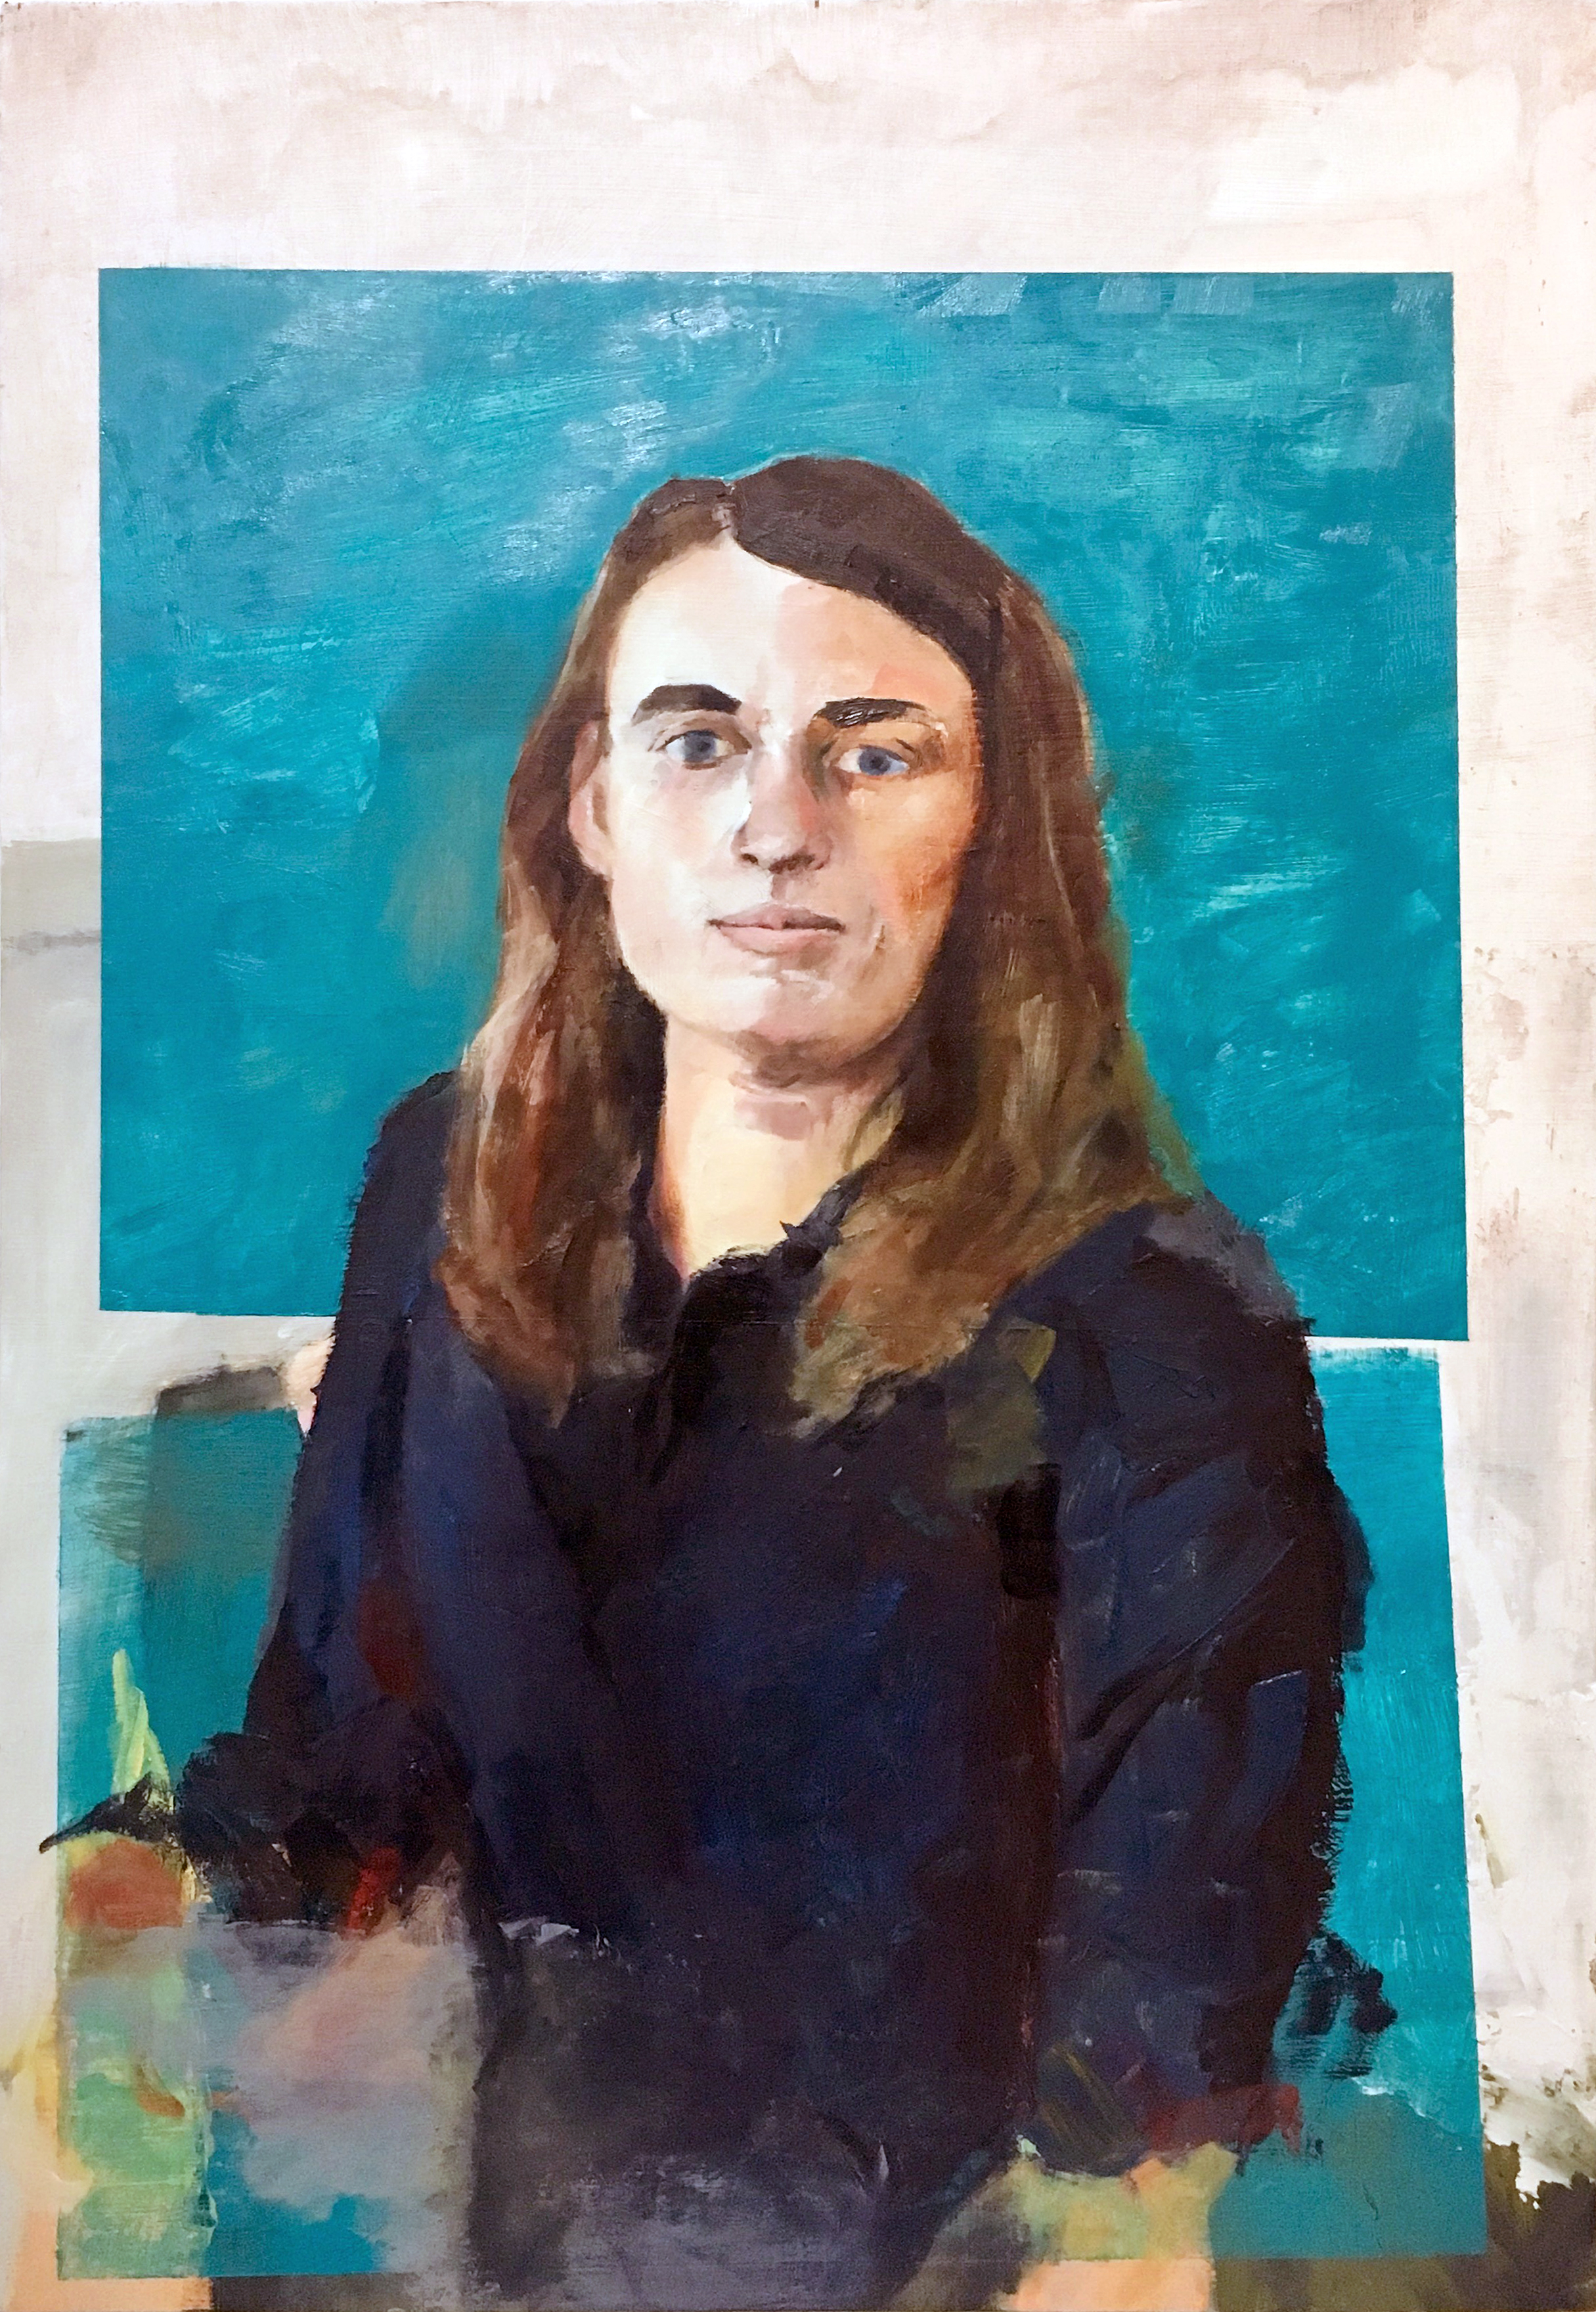 Portrait of Maddie S.